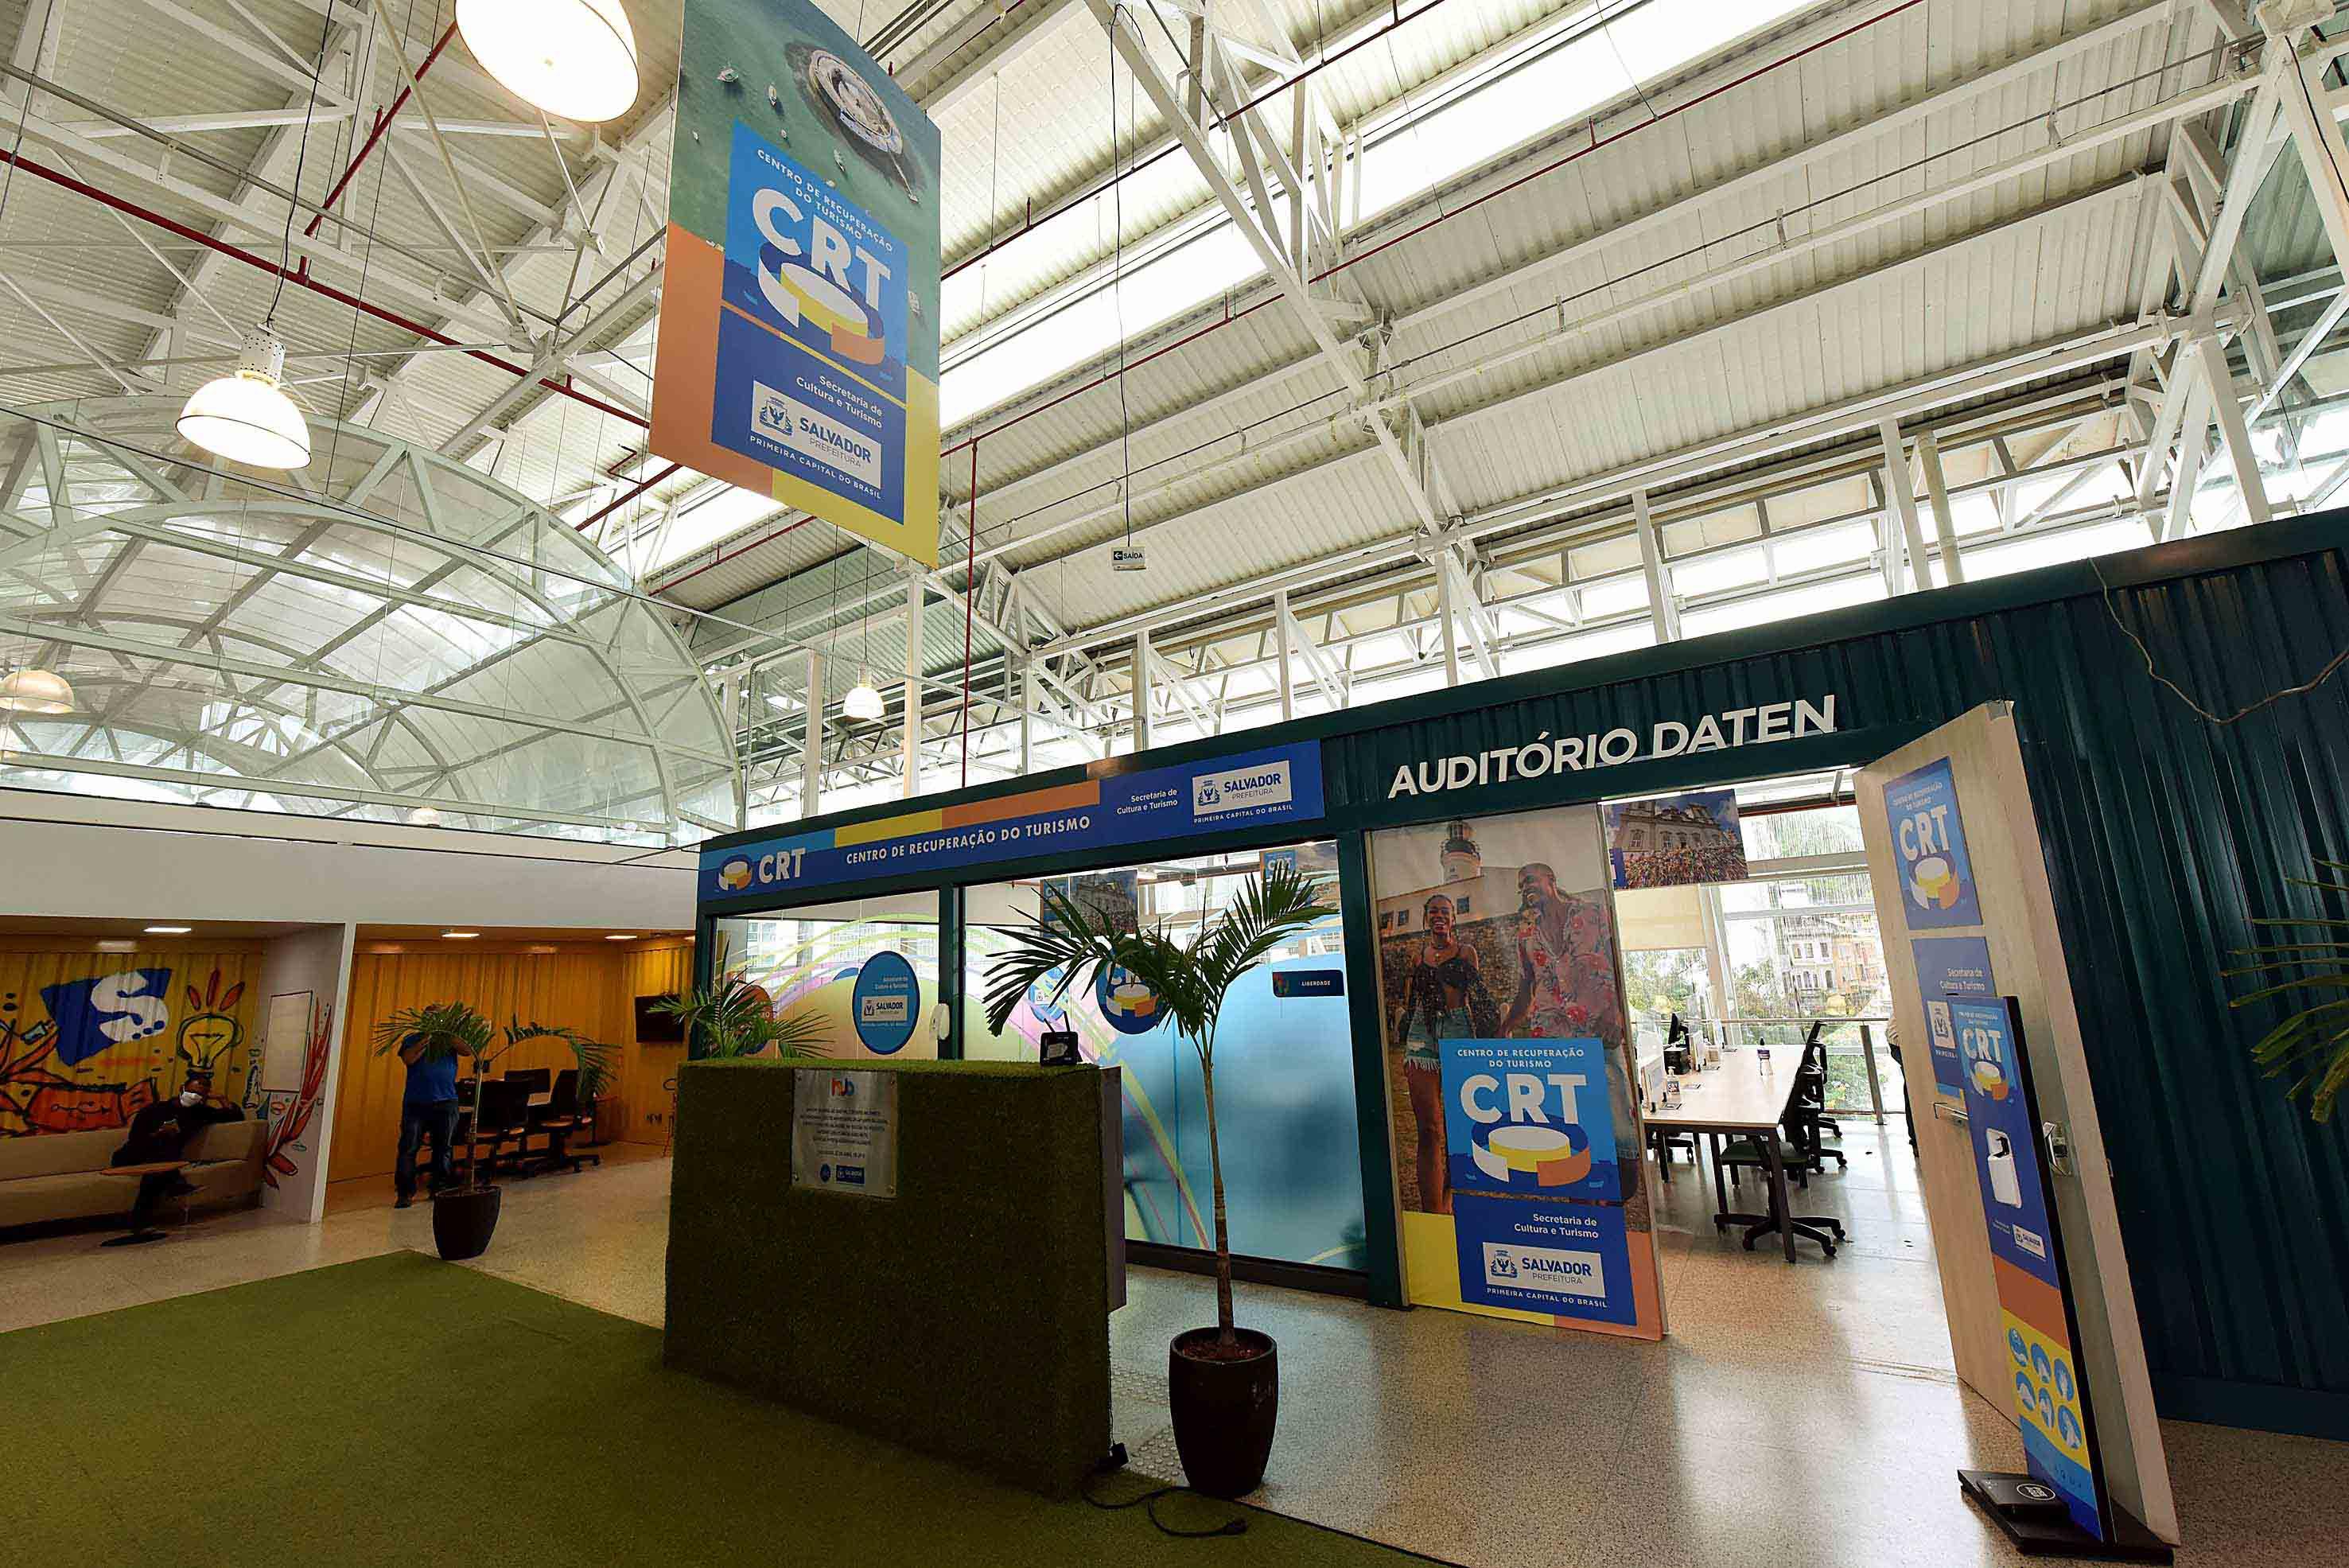 Centro de Recuperação do Turismo começa a funcionar nesta quarta (05) | Bahia em tempo real